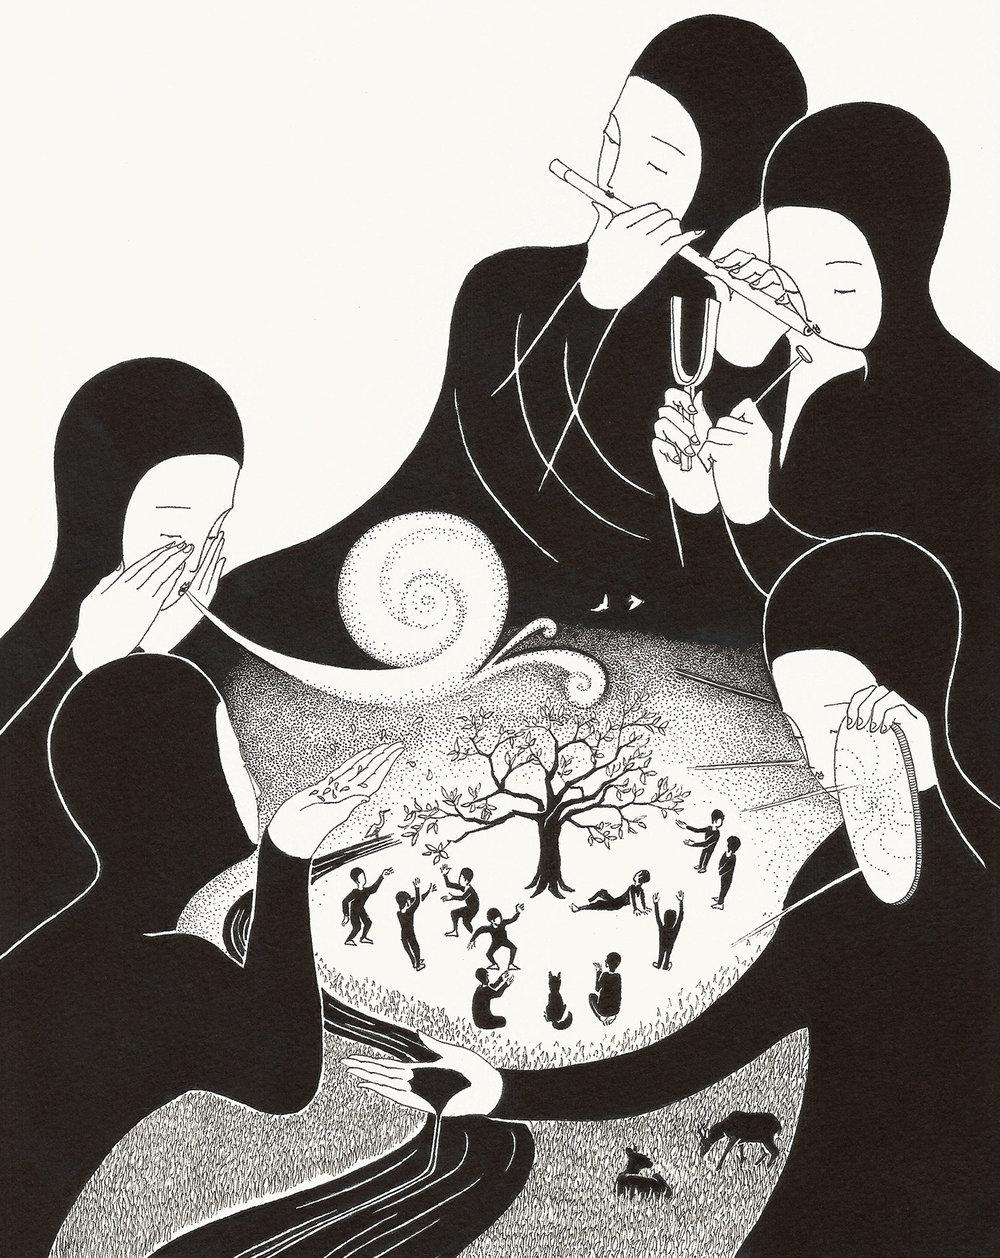 봄의 정령 / Spirits of spring Op.0147C -21 x 29.7 cm,종이에 펜, 마커 / Pigment liner and marker on paper, 2017 Commissioned by Goraeya